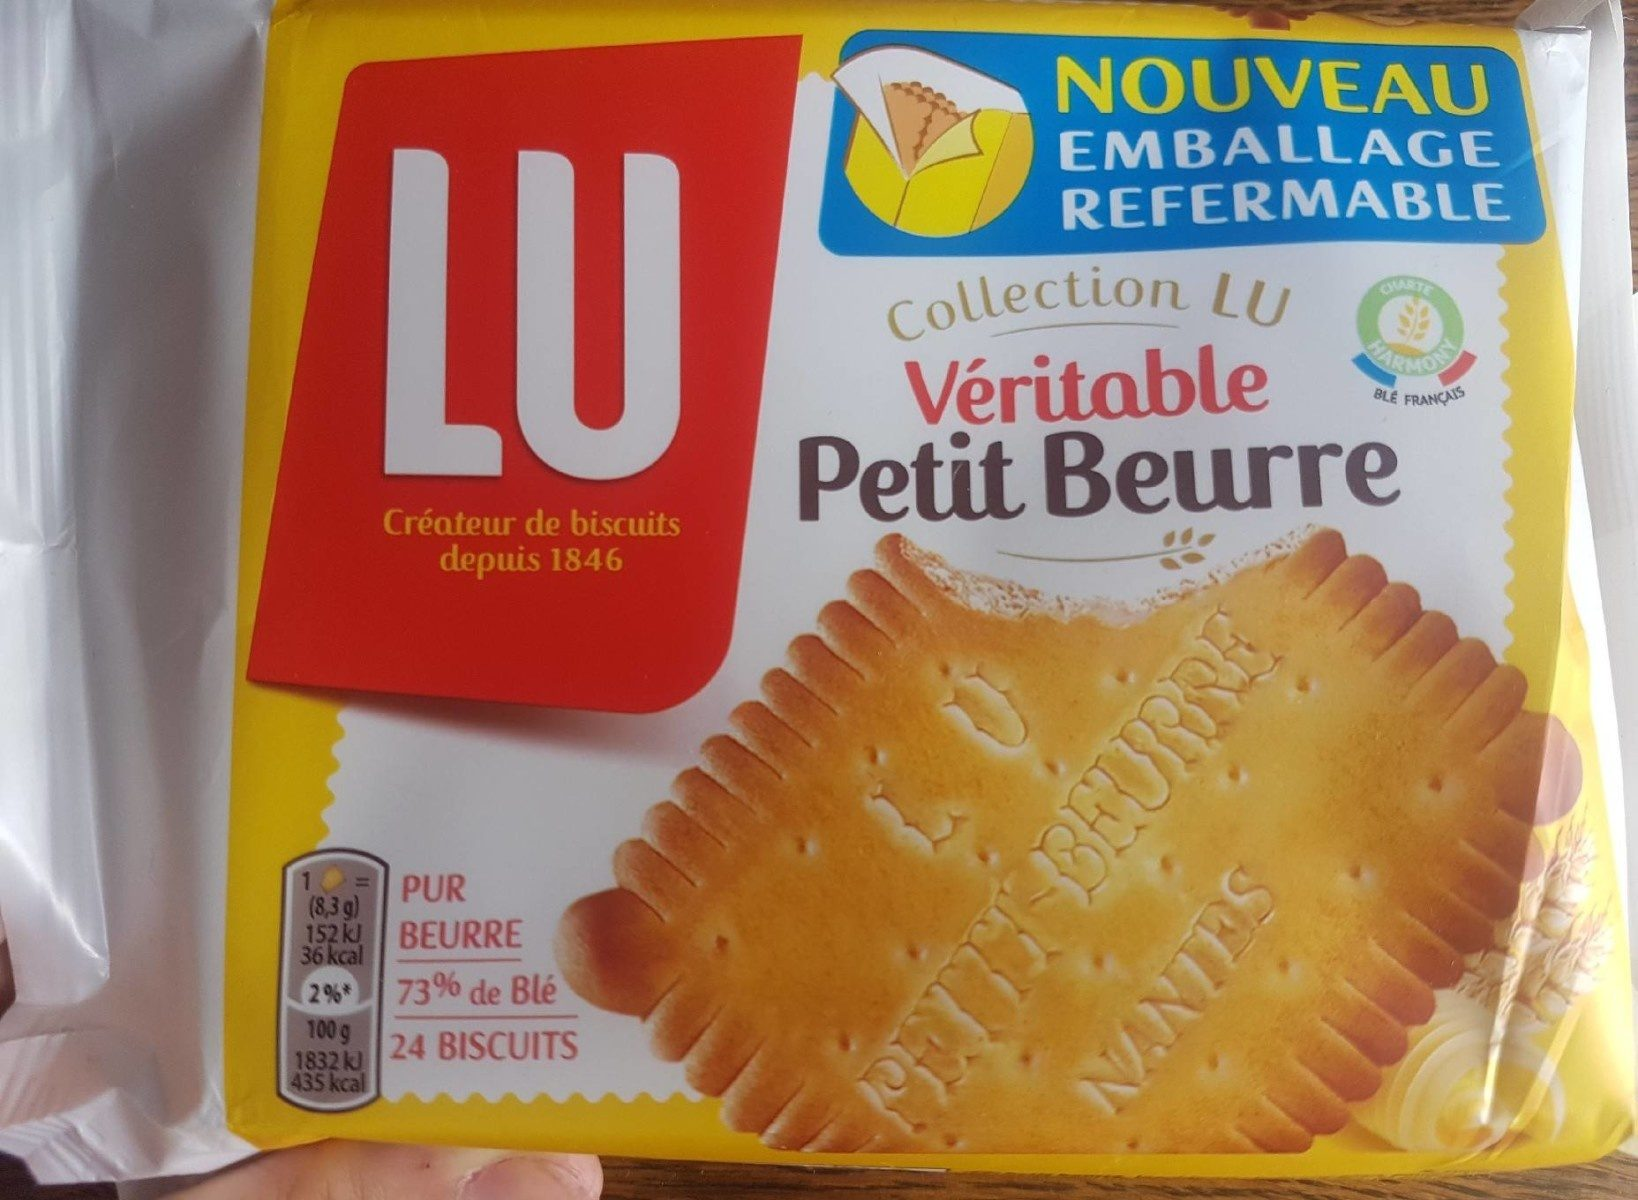 Véritable petit beurre - Produkt - fr